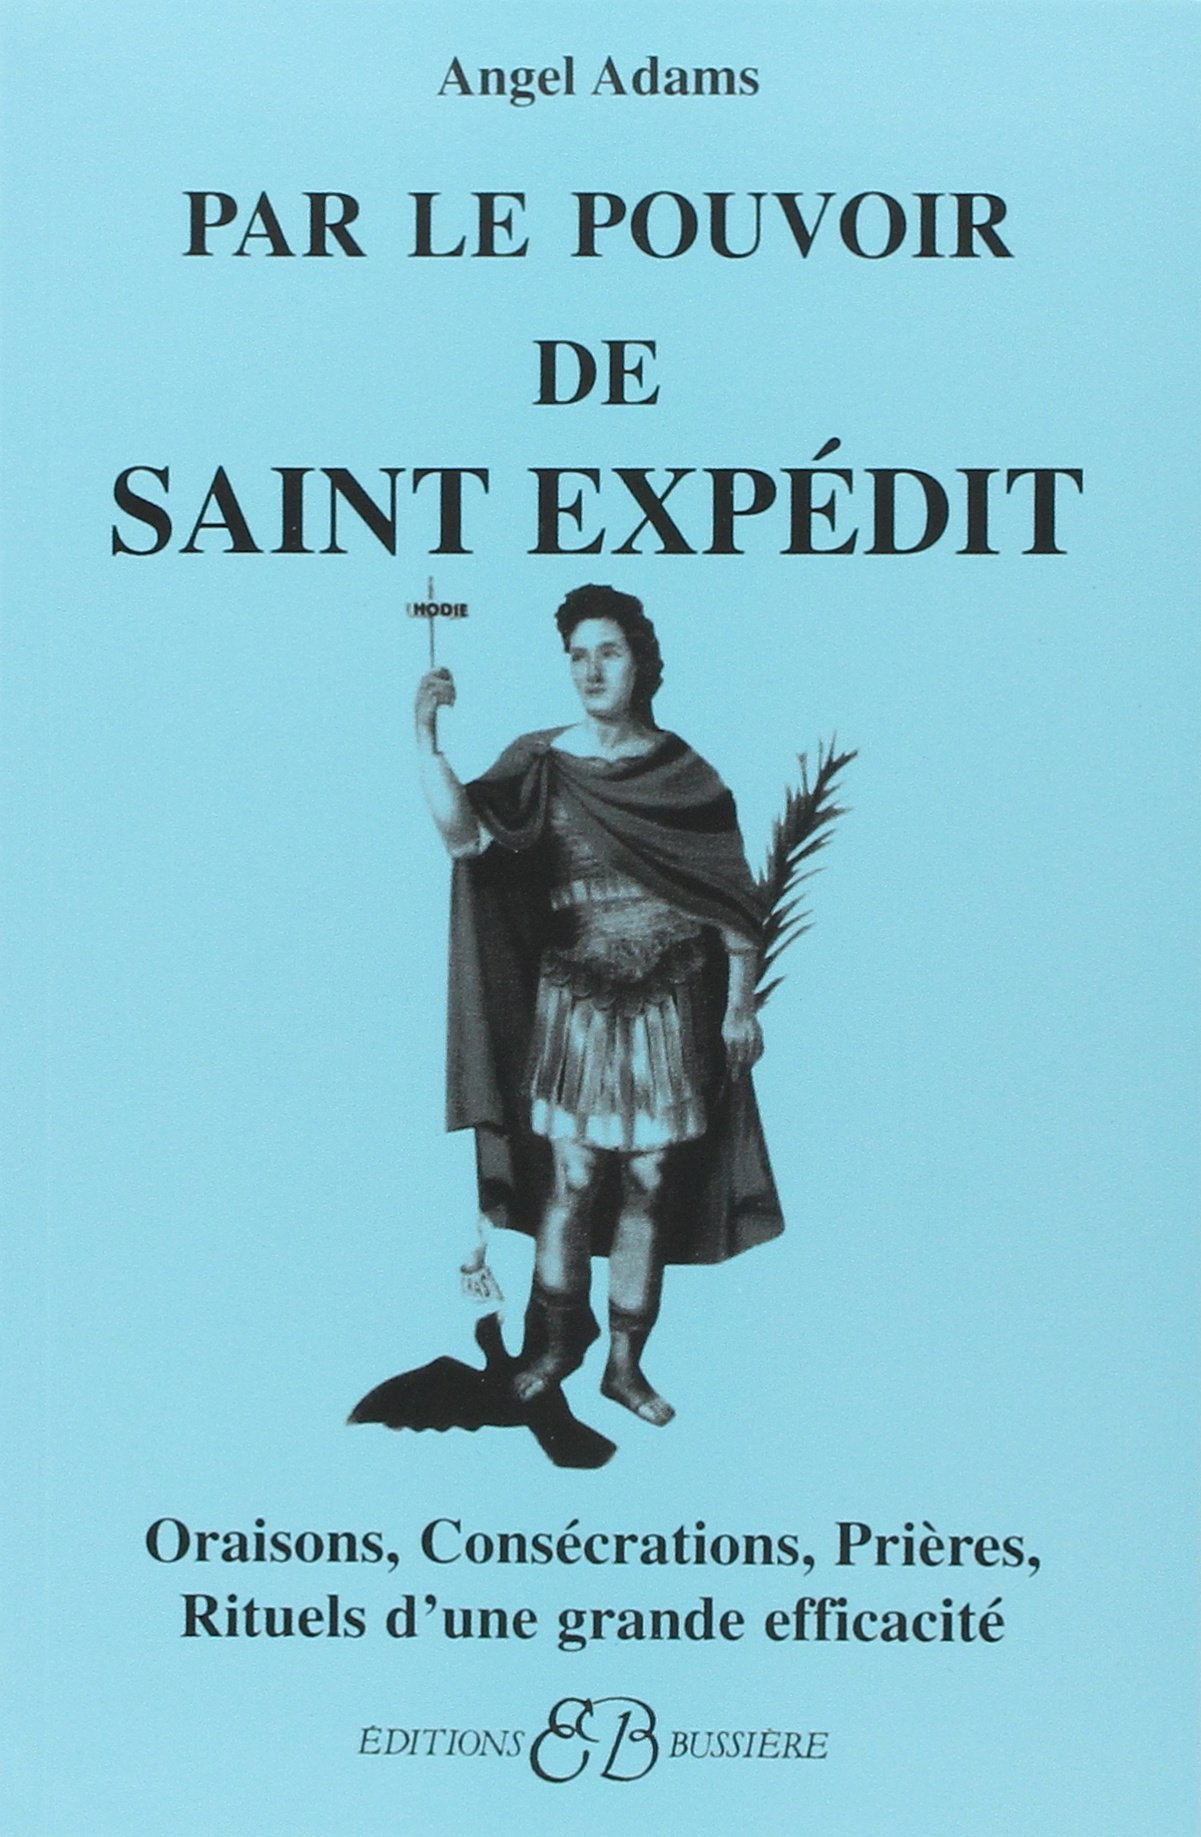 Par le pouvoir de Saint Expédit por Angel Adams